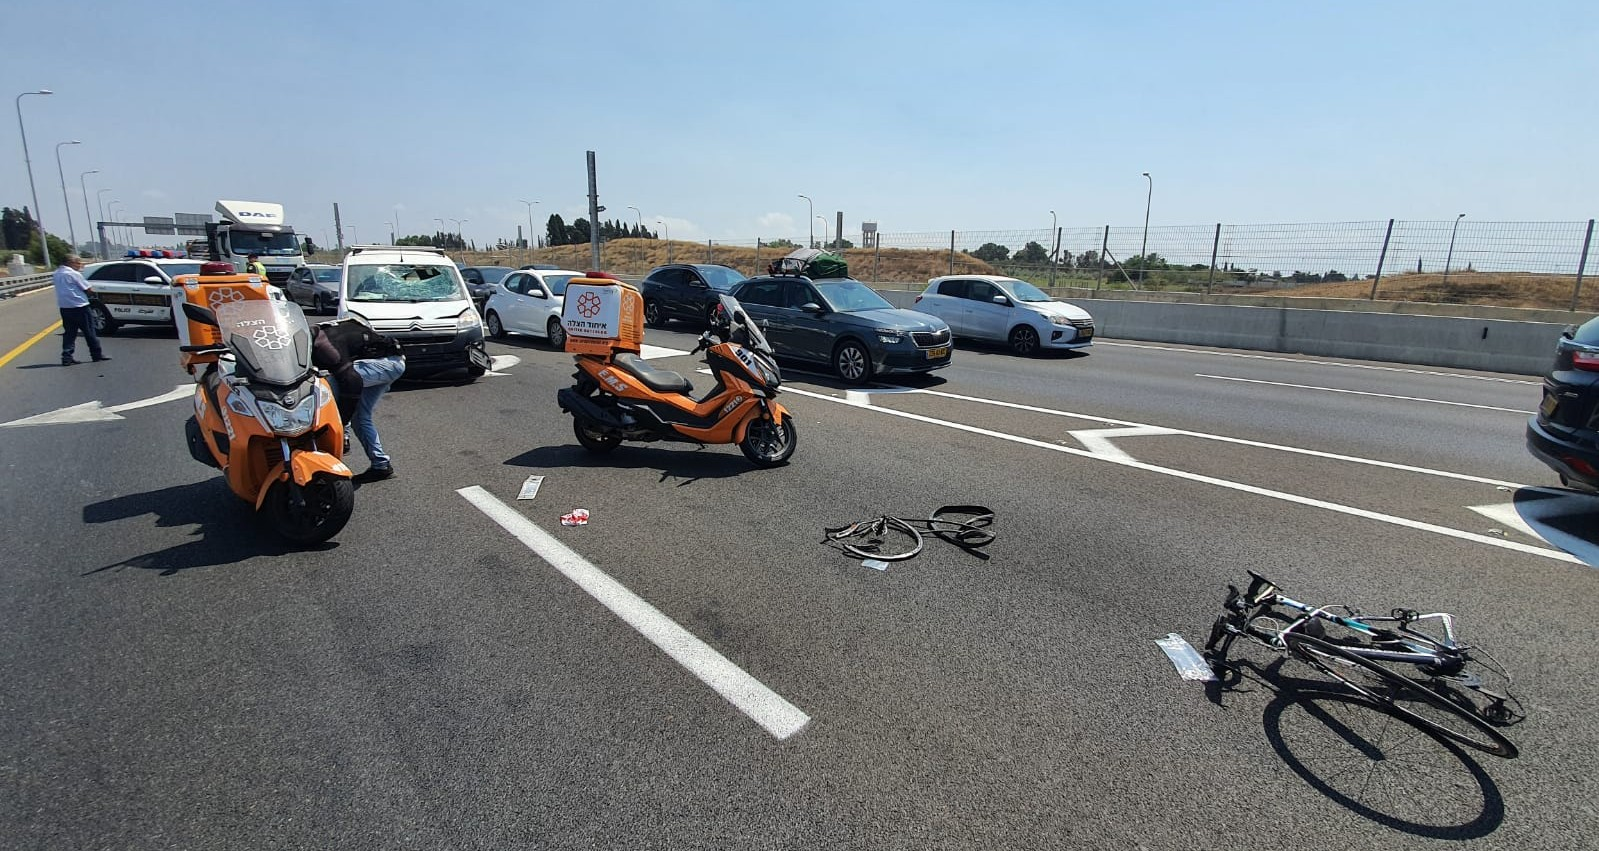 תאונת רוכב אופניים כביש 531